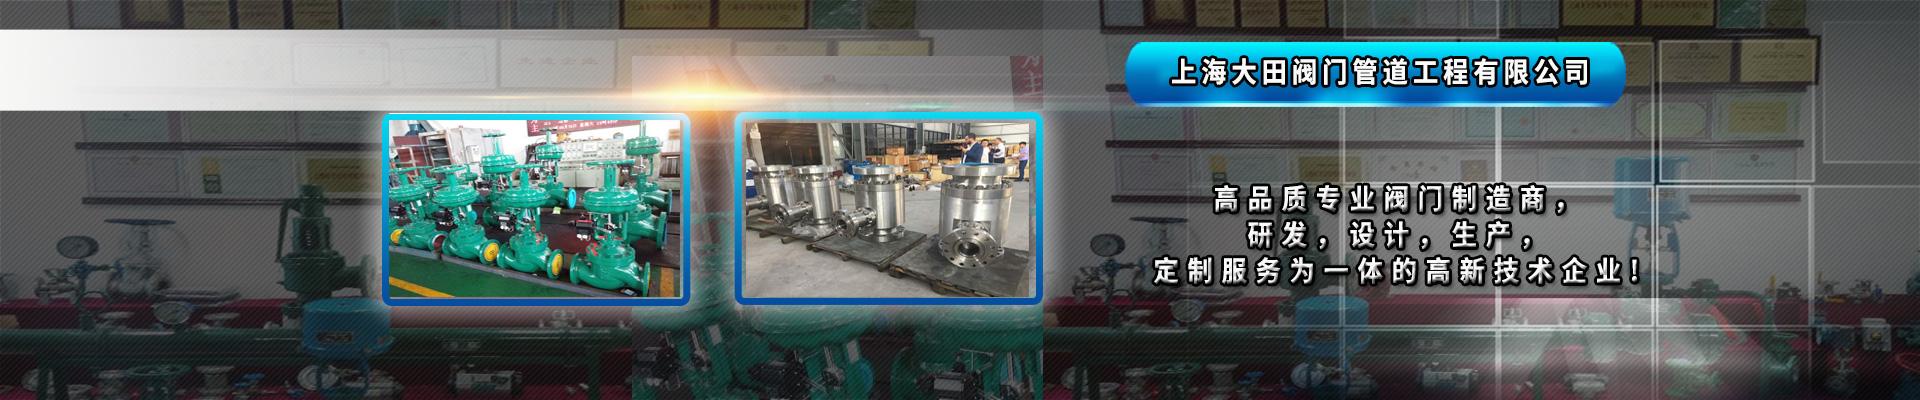 上海大田阀门管道工程有限公司